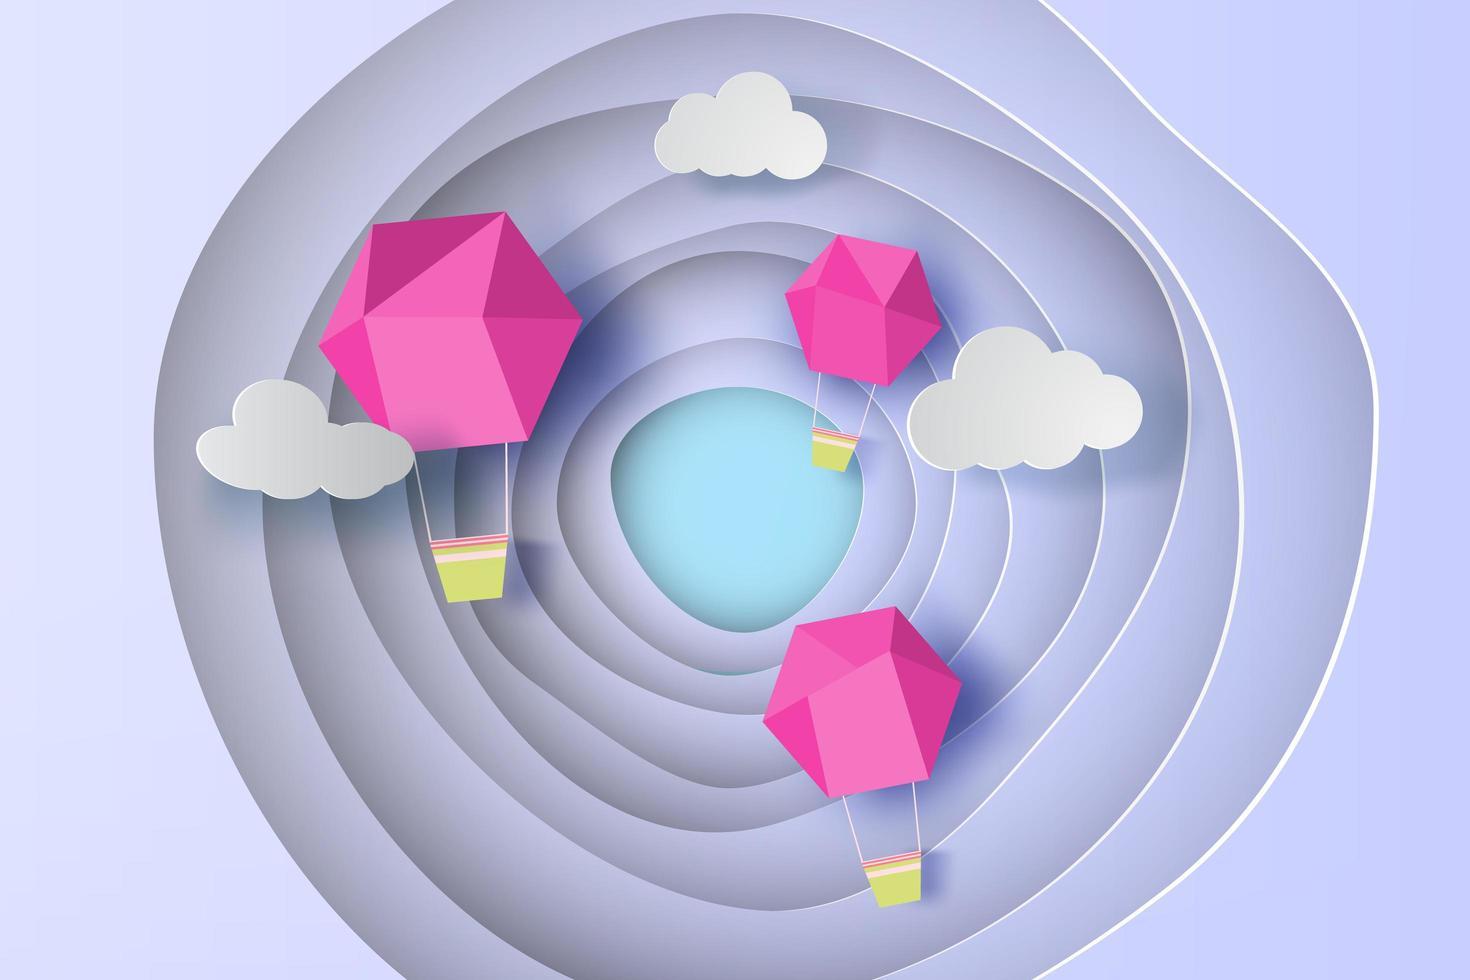 rosa Ballon fliegen Luft auf Kurve Form blauen Himmel Hintergrund vektor